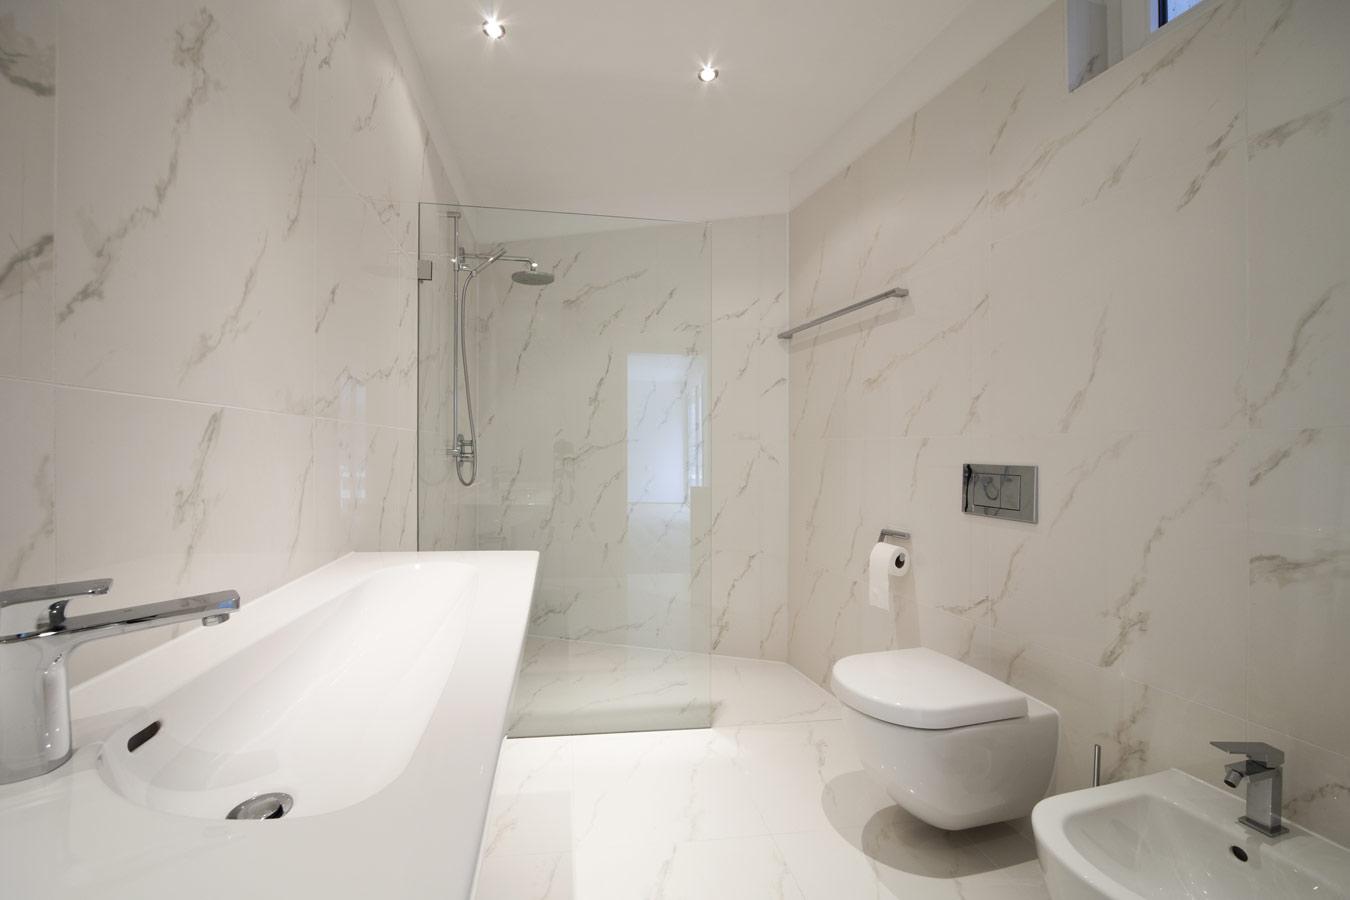 Badkamer Ideeen Grijs Wit.Moderne Badkamers Inspiratie Foto S En Tips